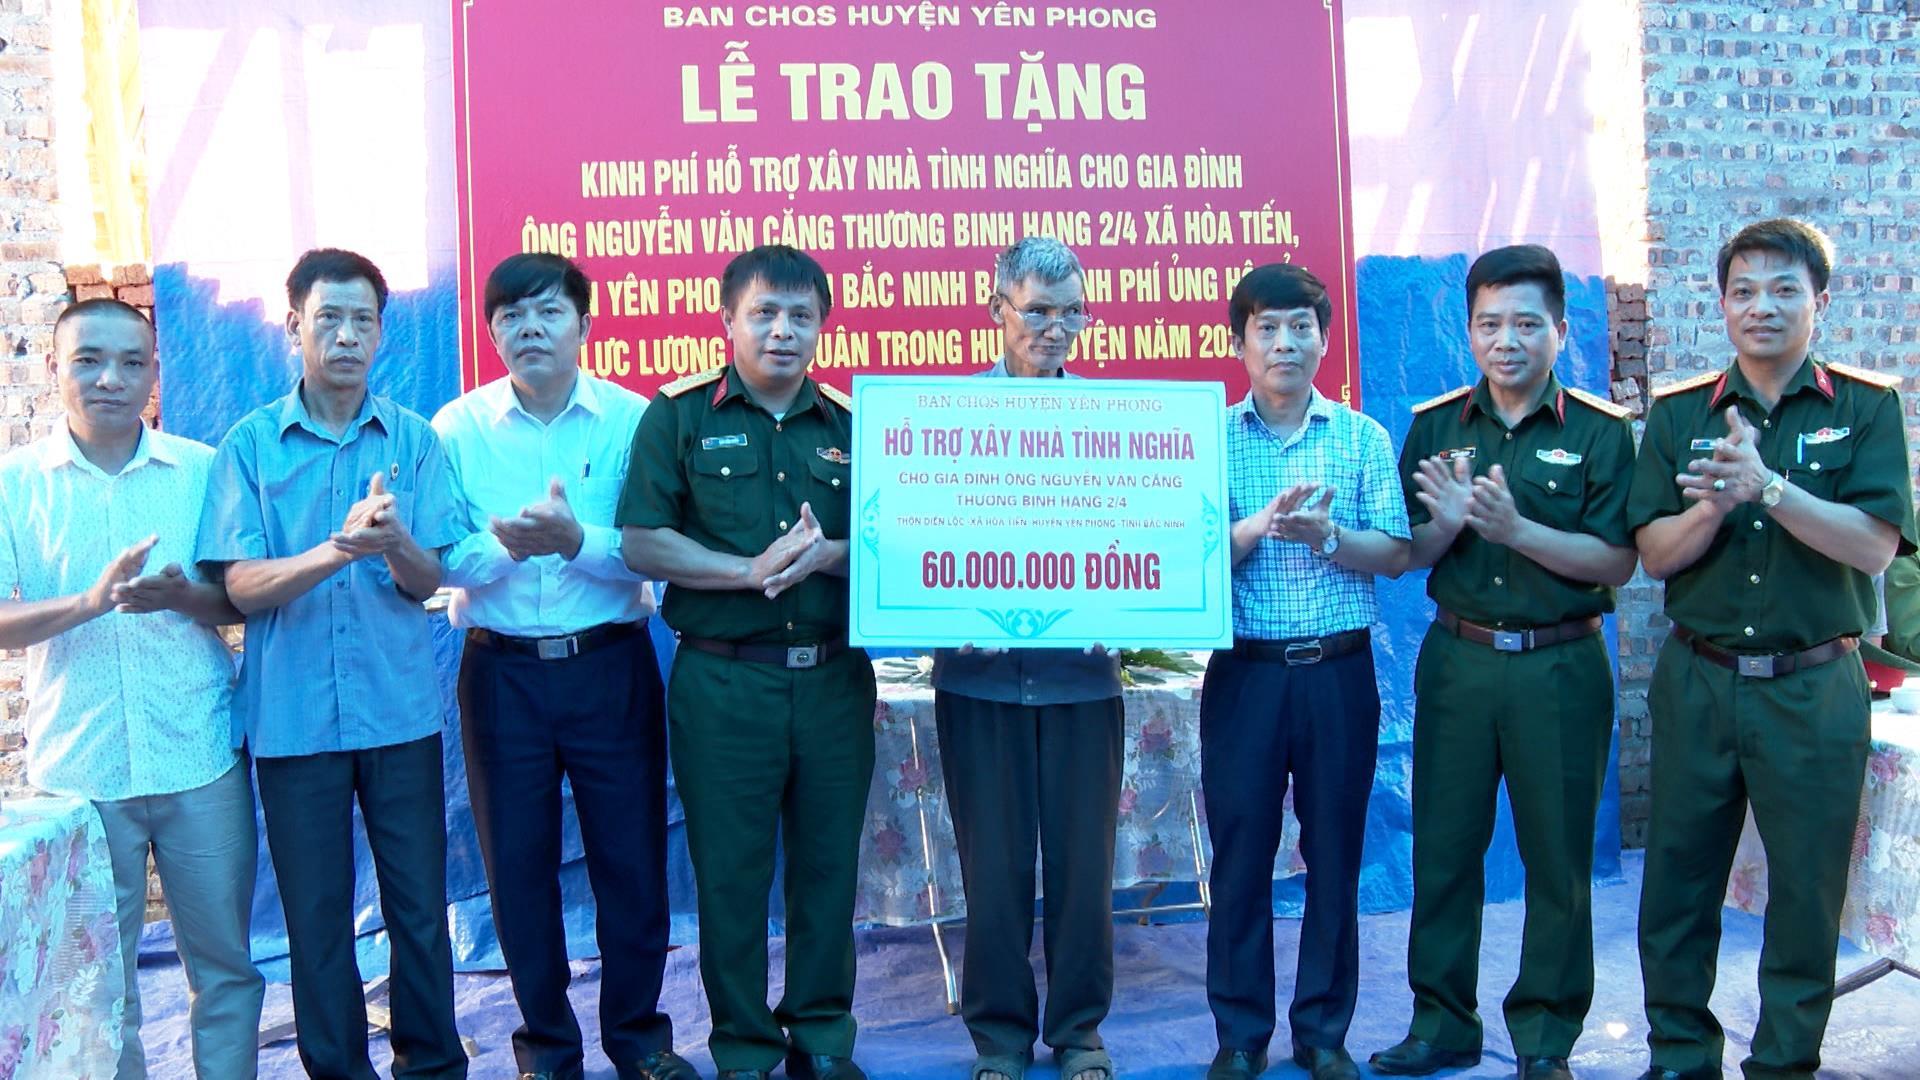 Ban CHQS huyện Yên Phong hỗ trợ kinh phí xây dựng nhà tình nghĩa